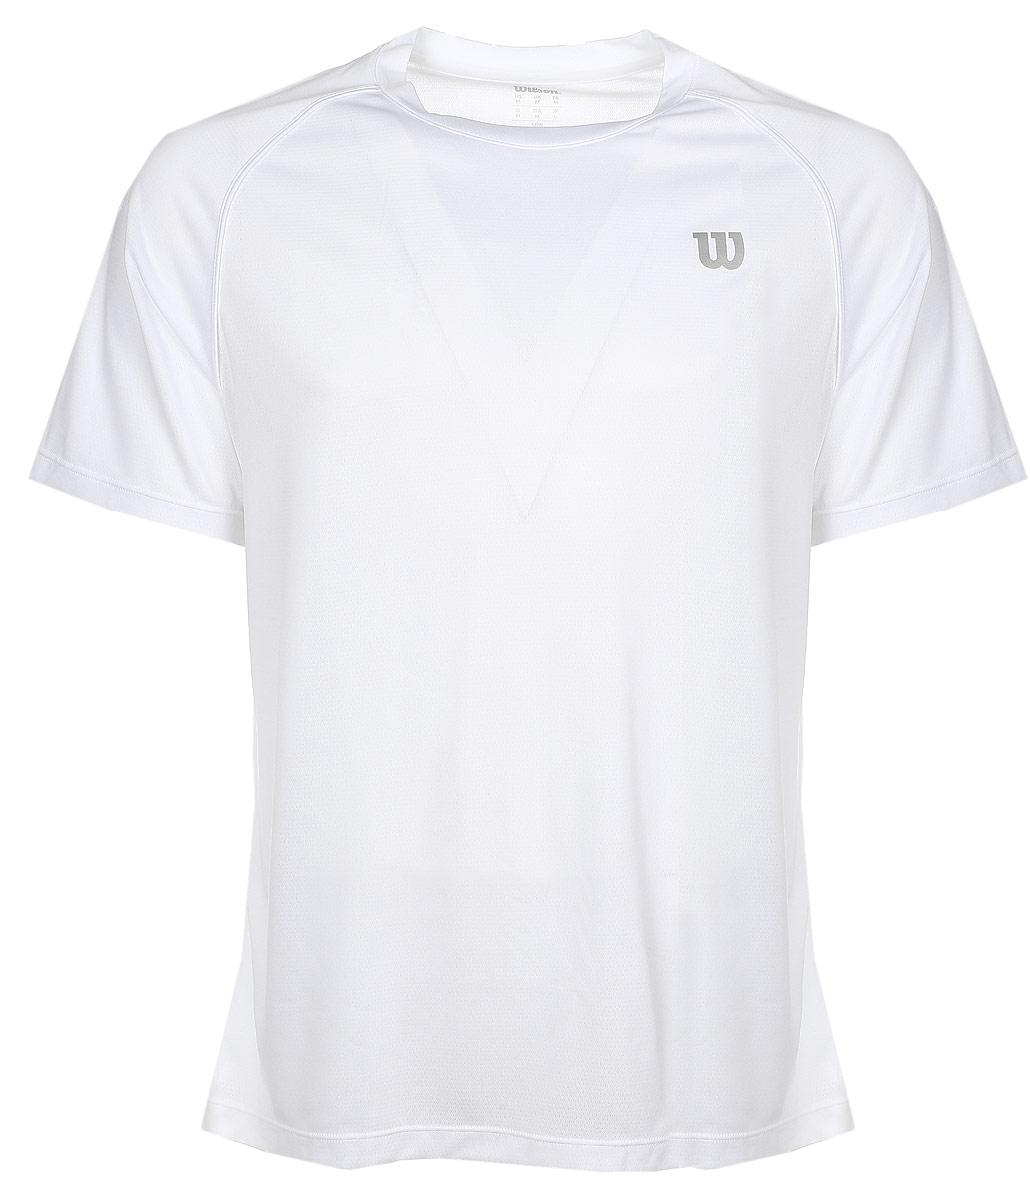 ФутболкаWRA746401Турнирная футболка Wilson Core Crew изготовлена из полиэстера и нейлона. Модель с круглой горловиной и короткими рукавами. Новая структура ткани с перфорацией увеличивает вывод влаги (технология nanoWik) и обеспечивает максимальный контроль на протяжении долгого времени игры или тренировок.